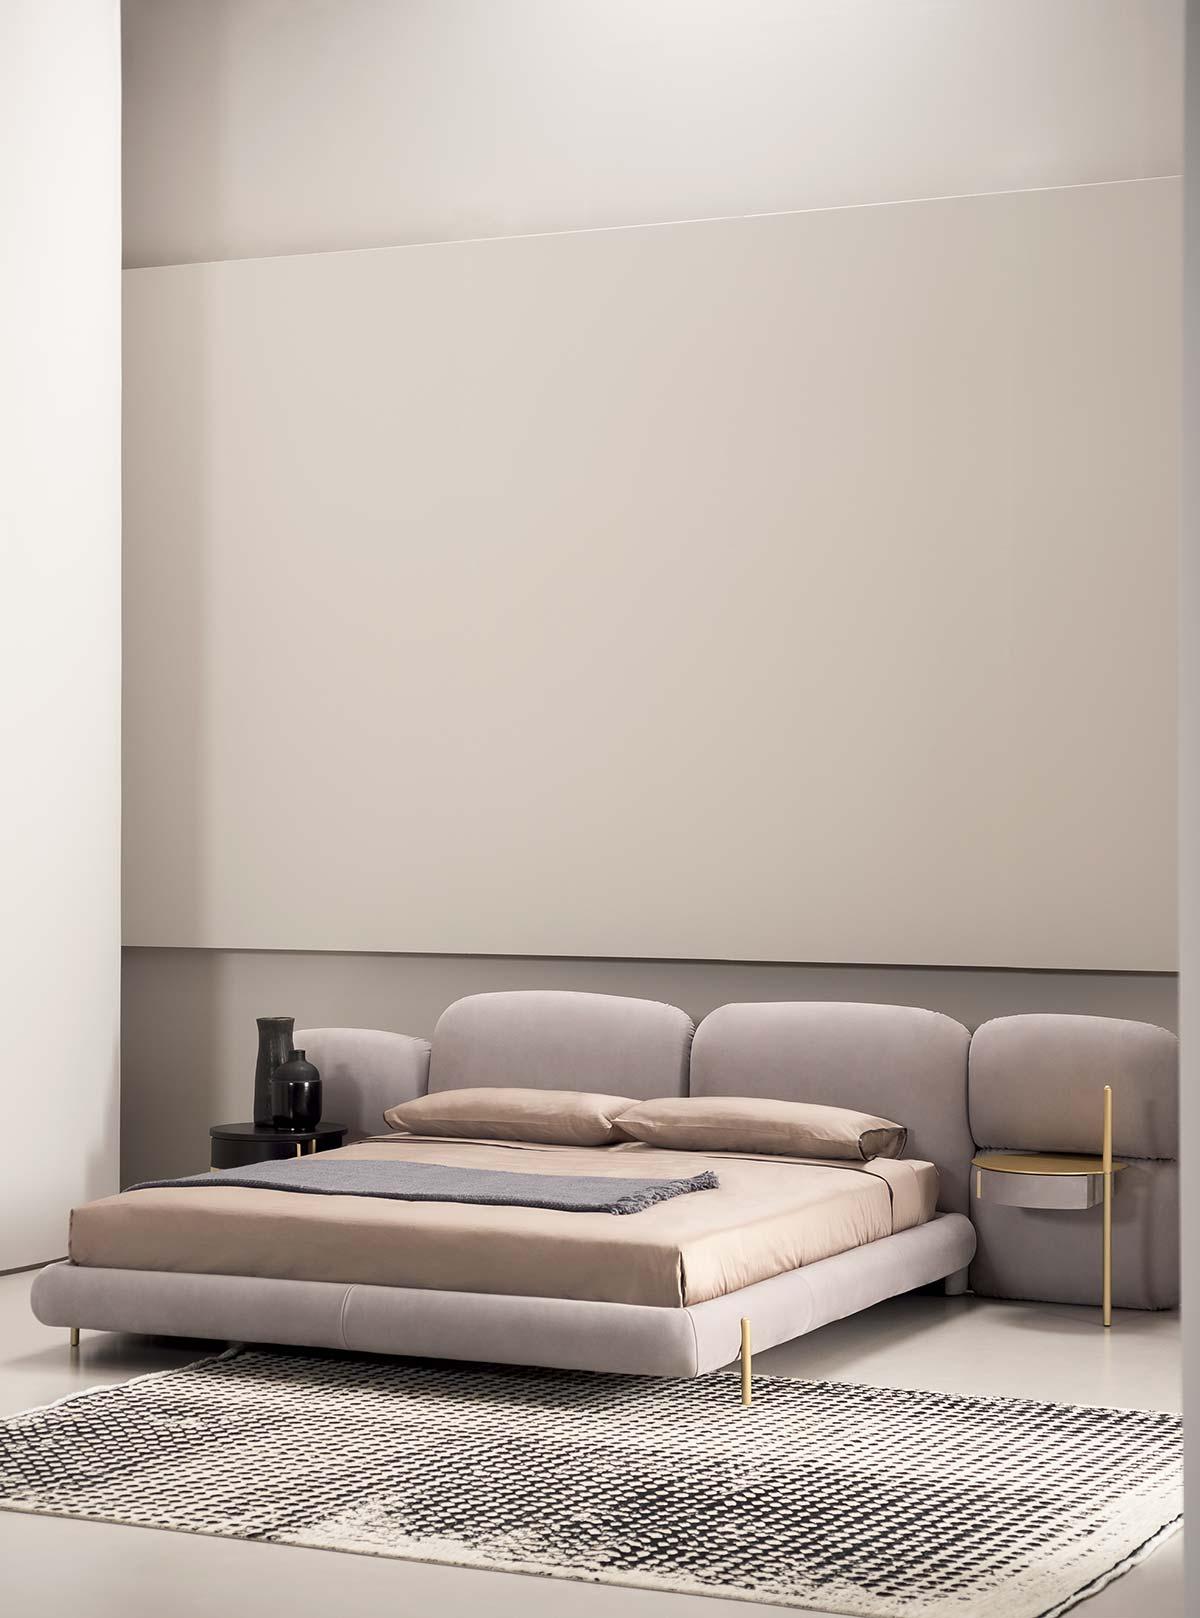 Stone by Baxter, Design Federico Peri